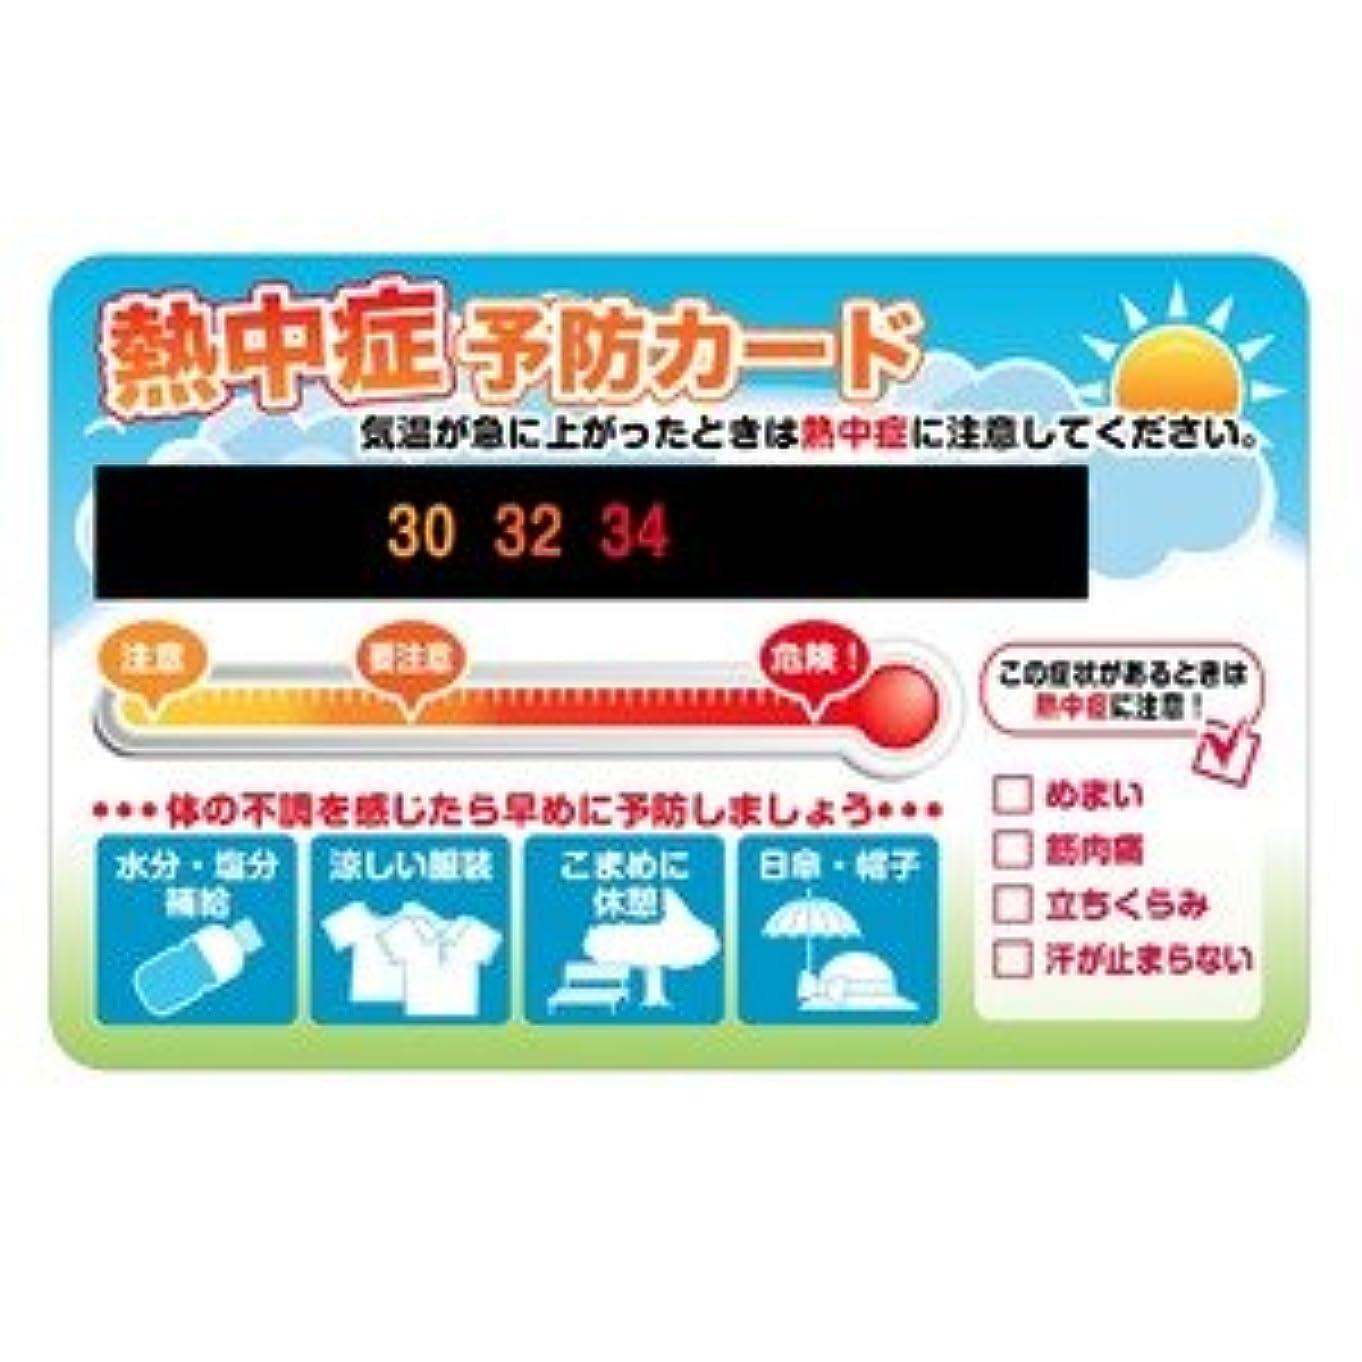 発送眠っている落ち着かない熱中症予防カード?NE2 【100枚セット】 熱中症対策